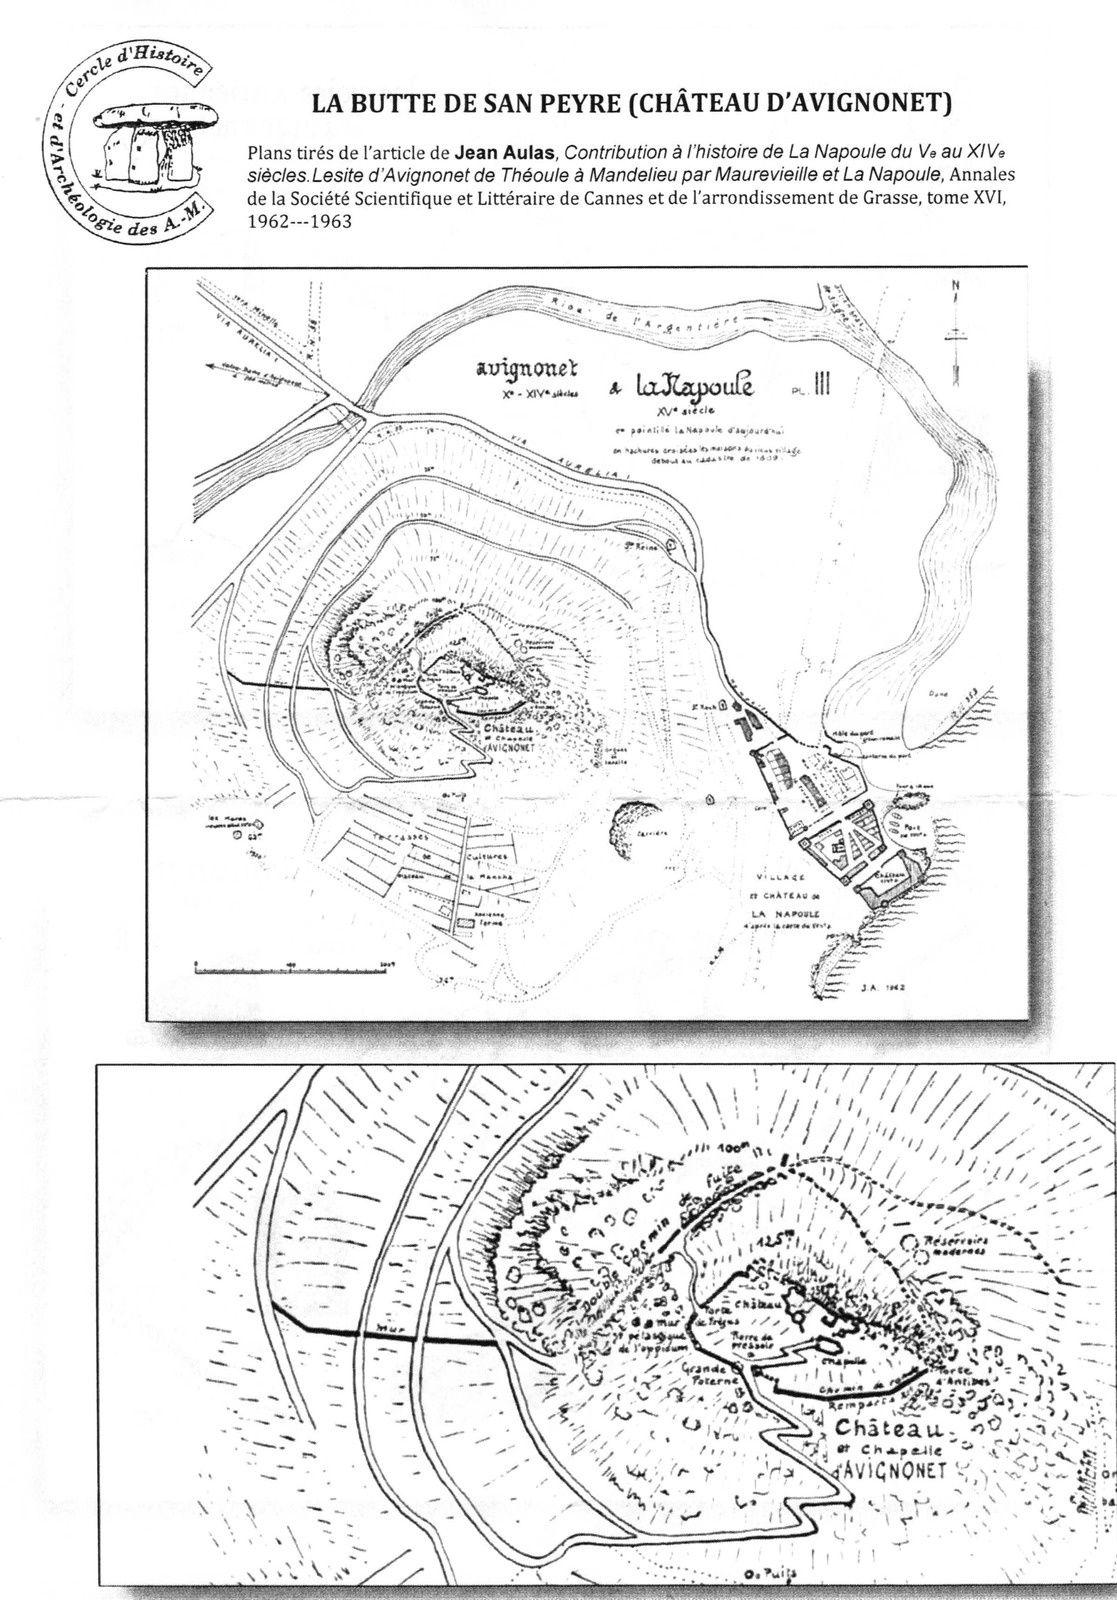 """Plans tirés de l'article de Jean Aulas, """"Contributions à l'histoire de La Napoule du Vè au XIVè siècles"""""""